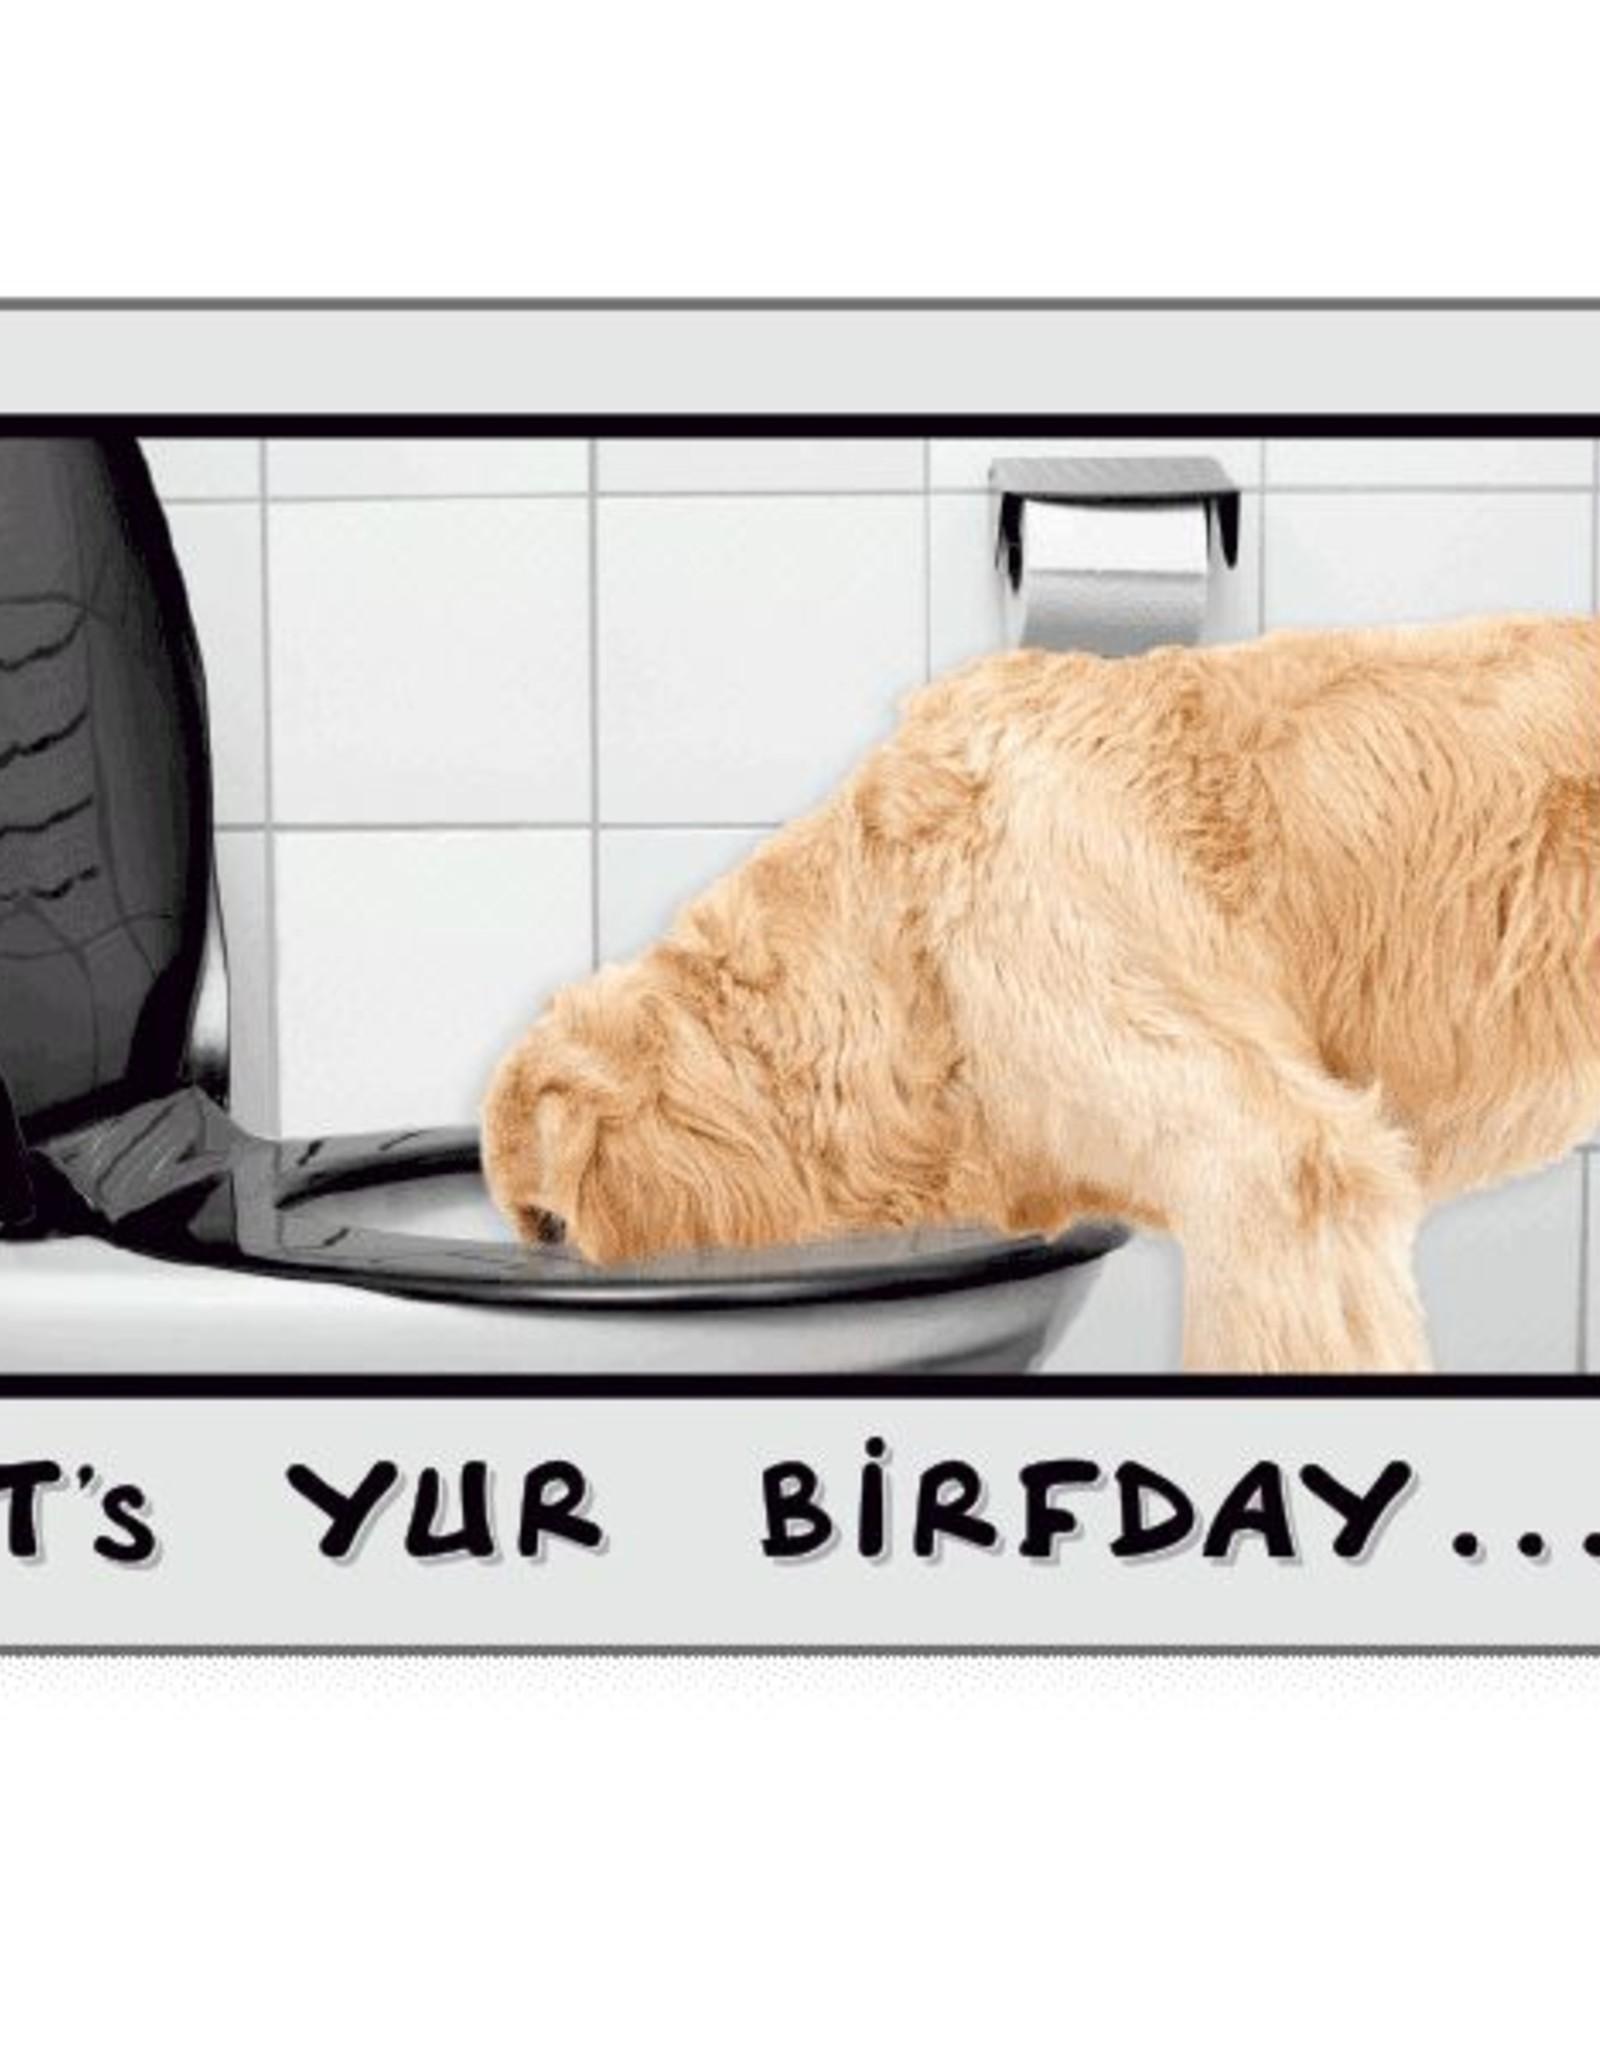 Dog Speak Dog Speak Card - Birthday - Drink Responsizibly